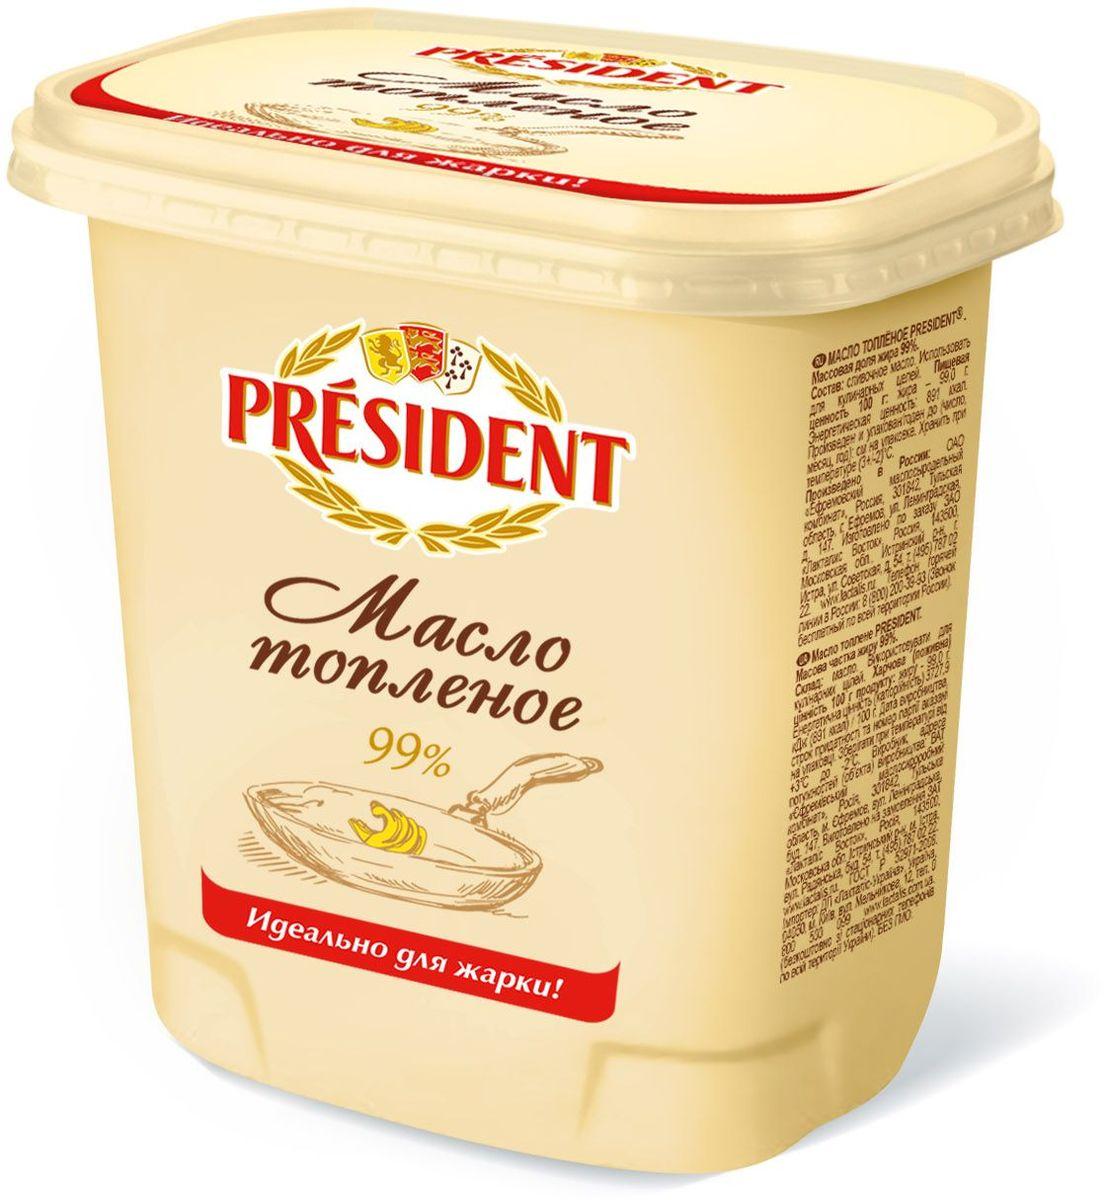 President Масло топленое 99%, 380 г медведь и слон топленое масло 1 л